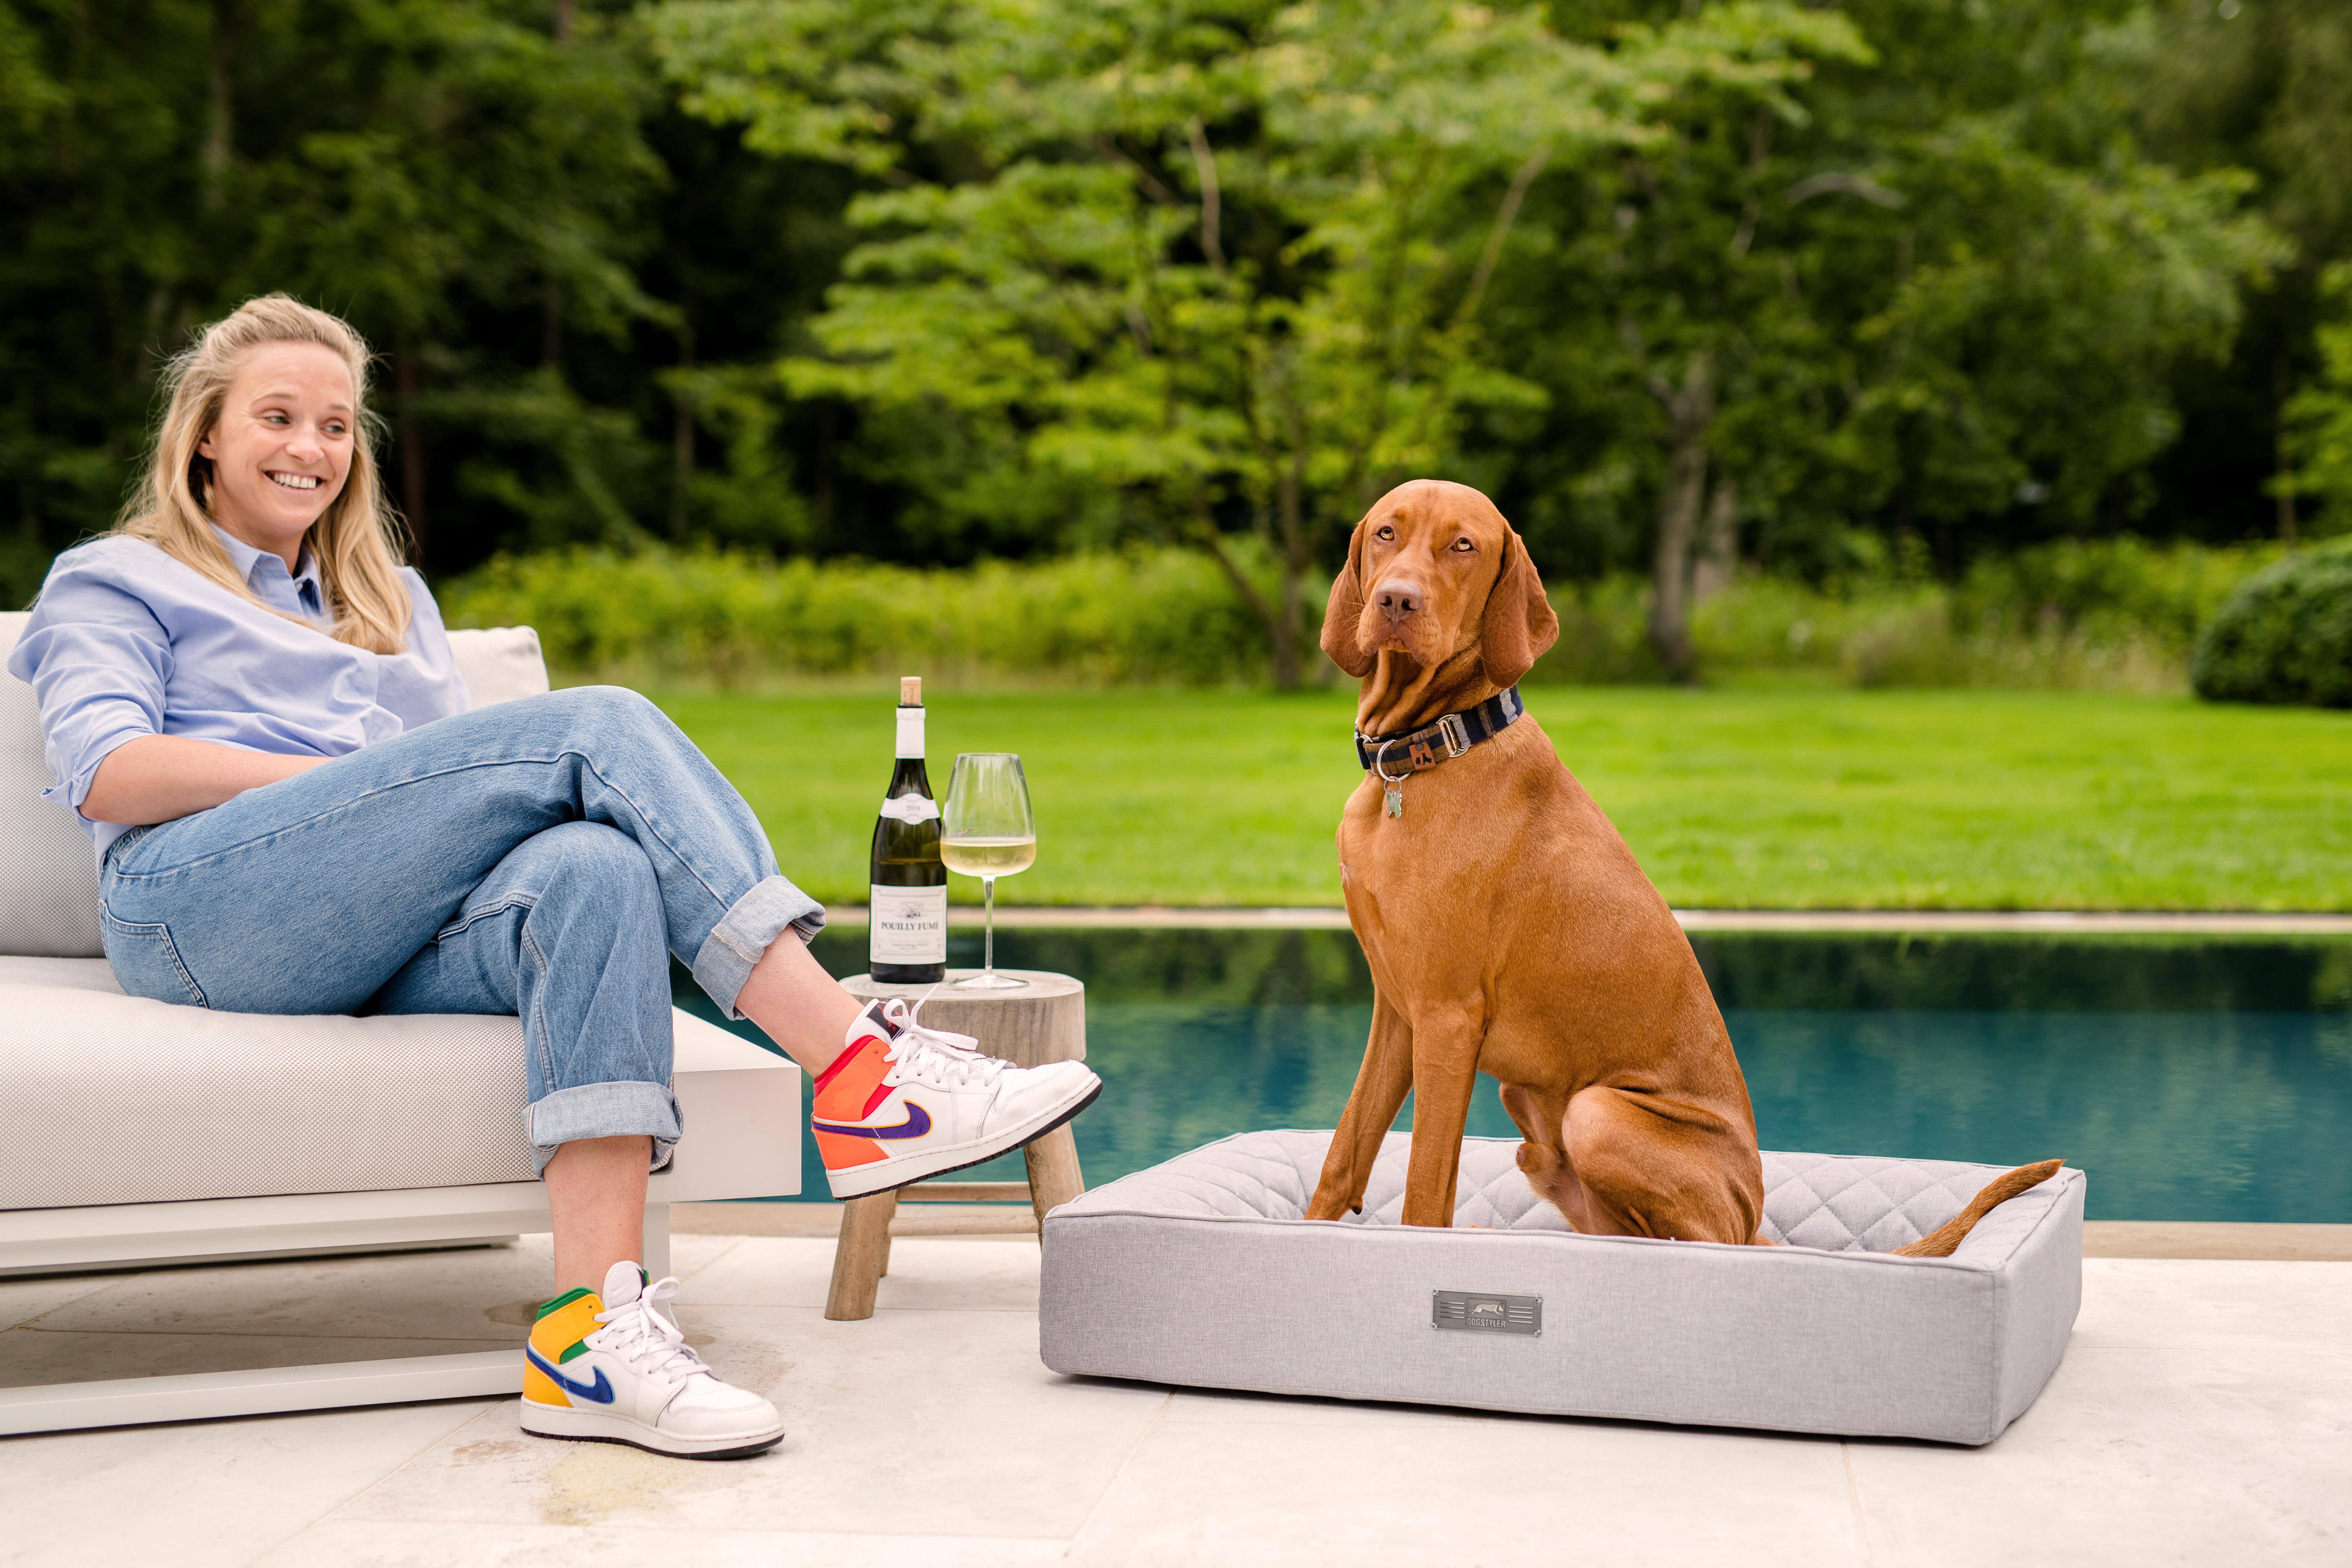 JETZ NEU: Das erste Hundebett für Drinnen & Draußen - der Dog Lounger OUTDOOR